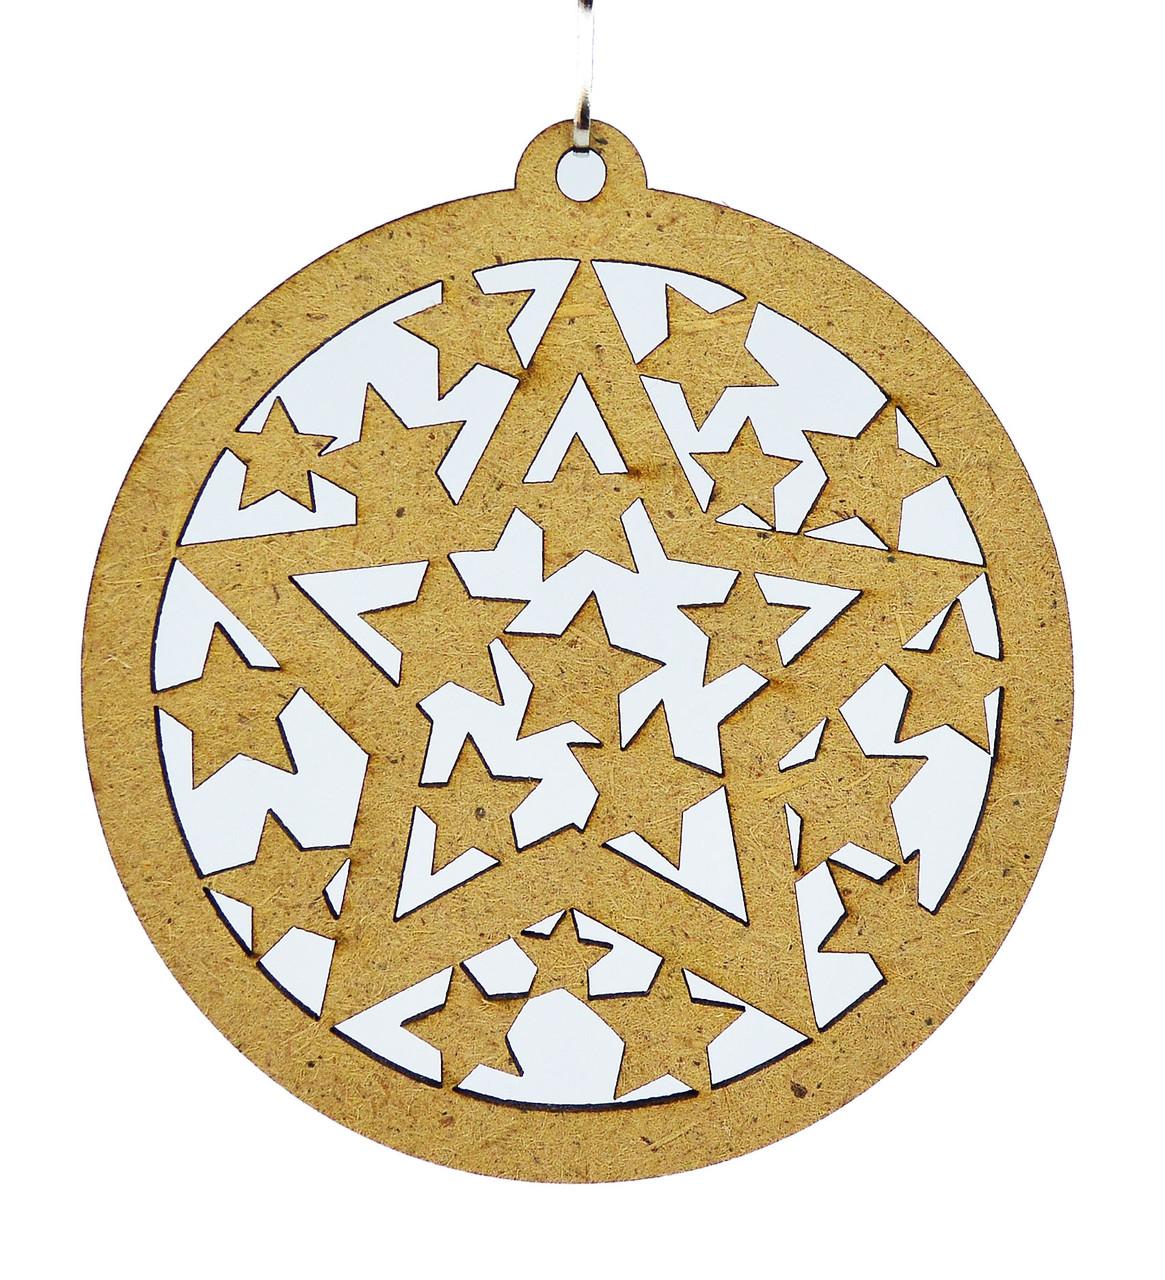 Деревянная новогодняя игрушка заготовка из ДВП. Круглое украшение со звёздами